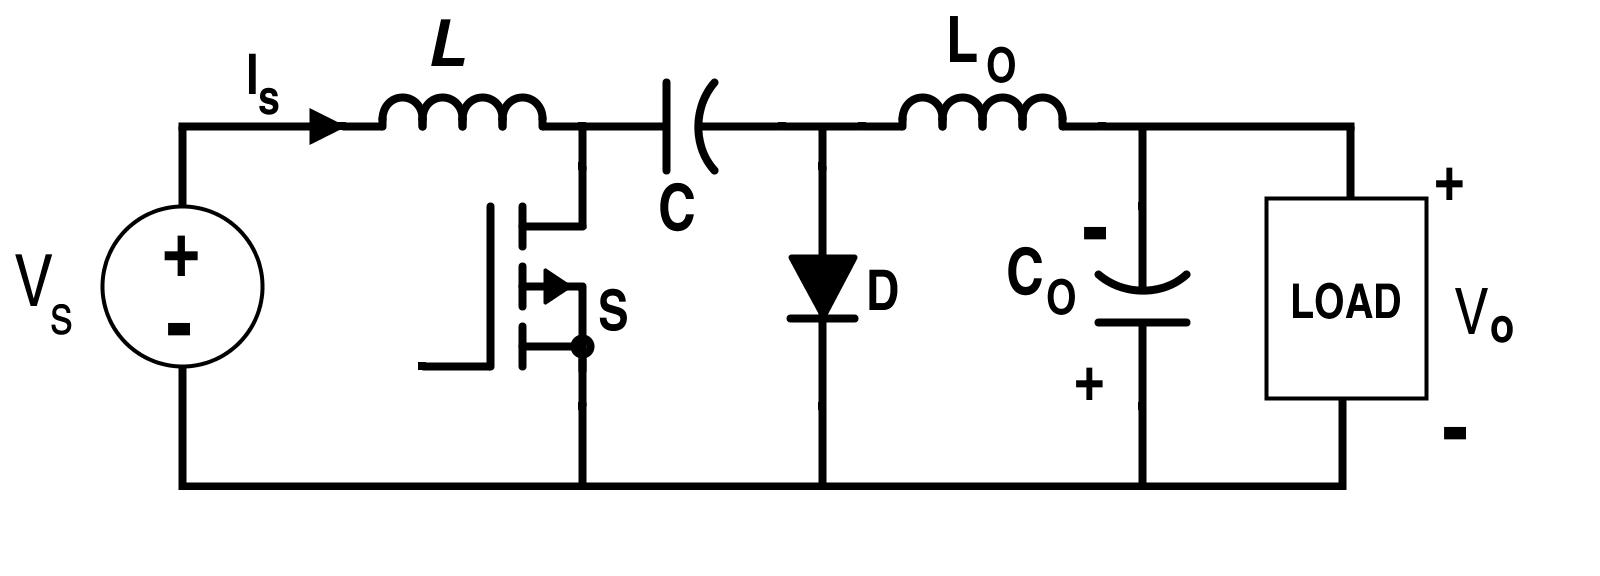 analysis of four dc